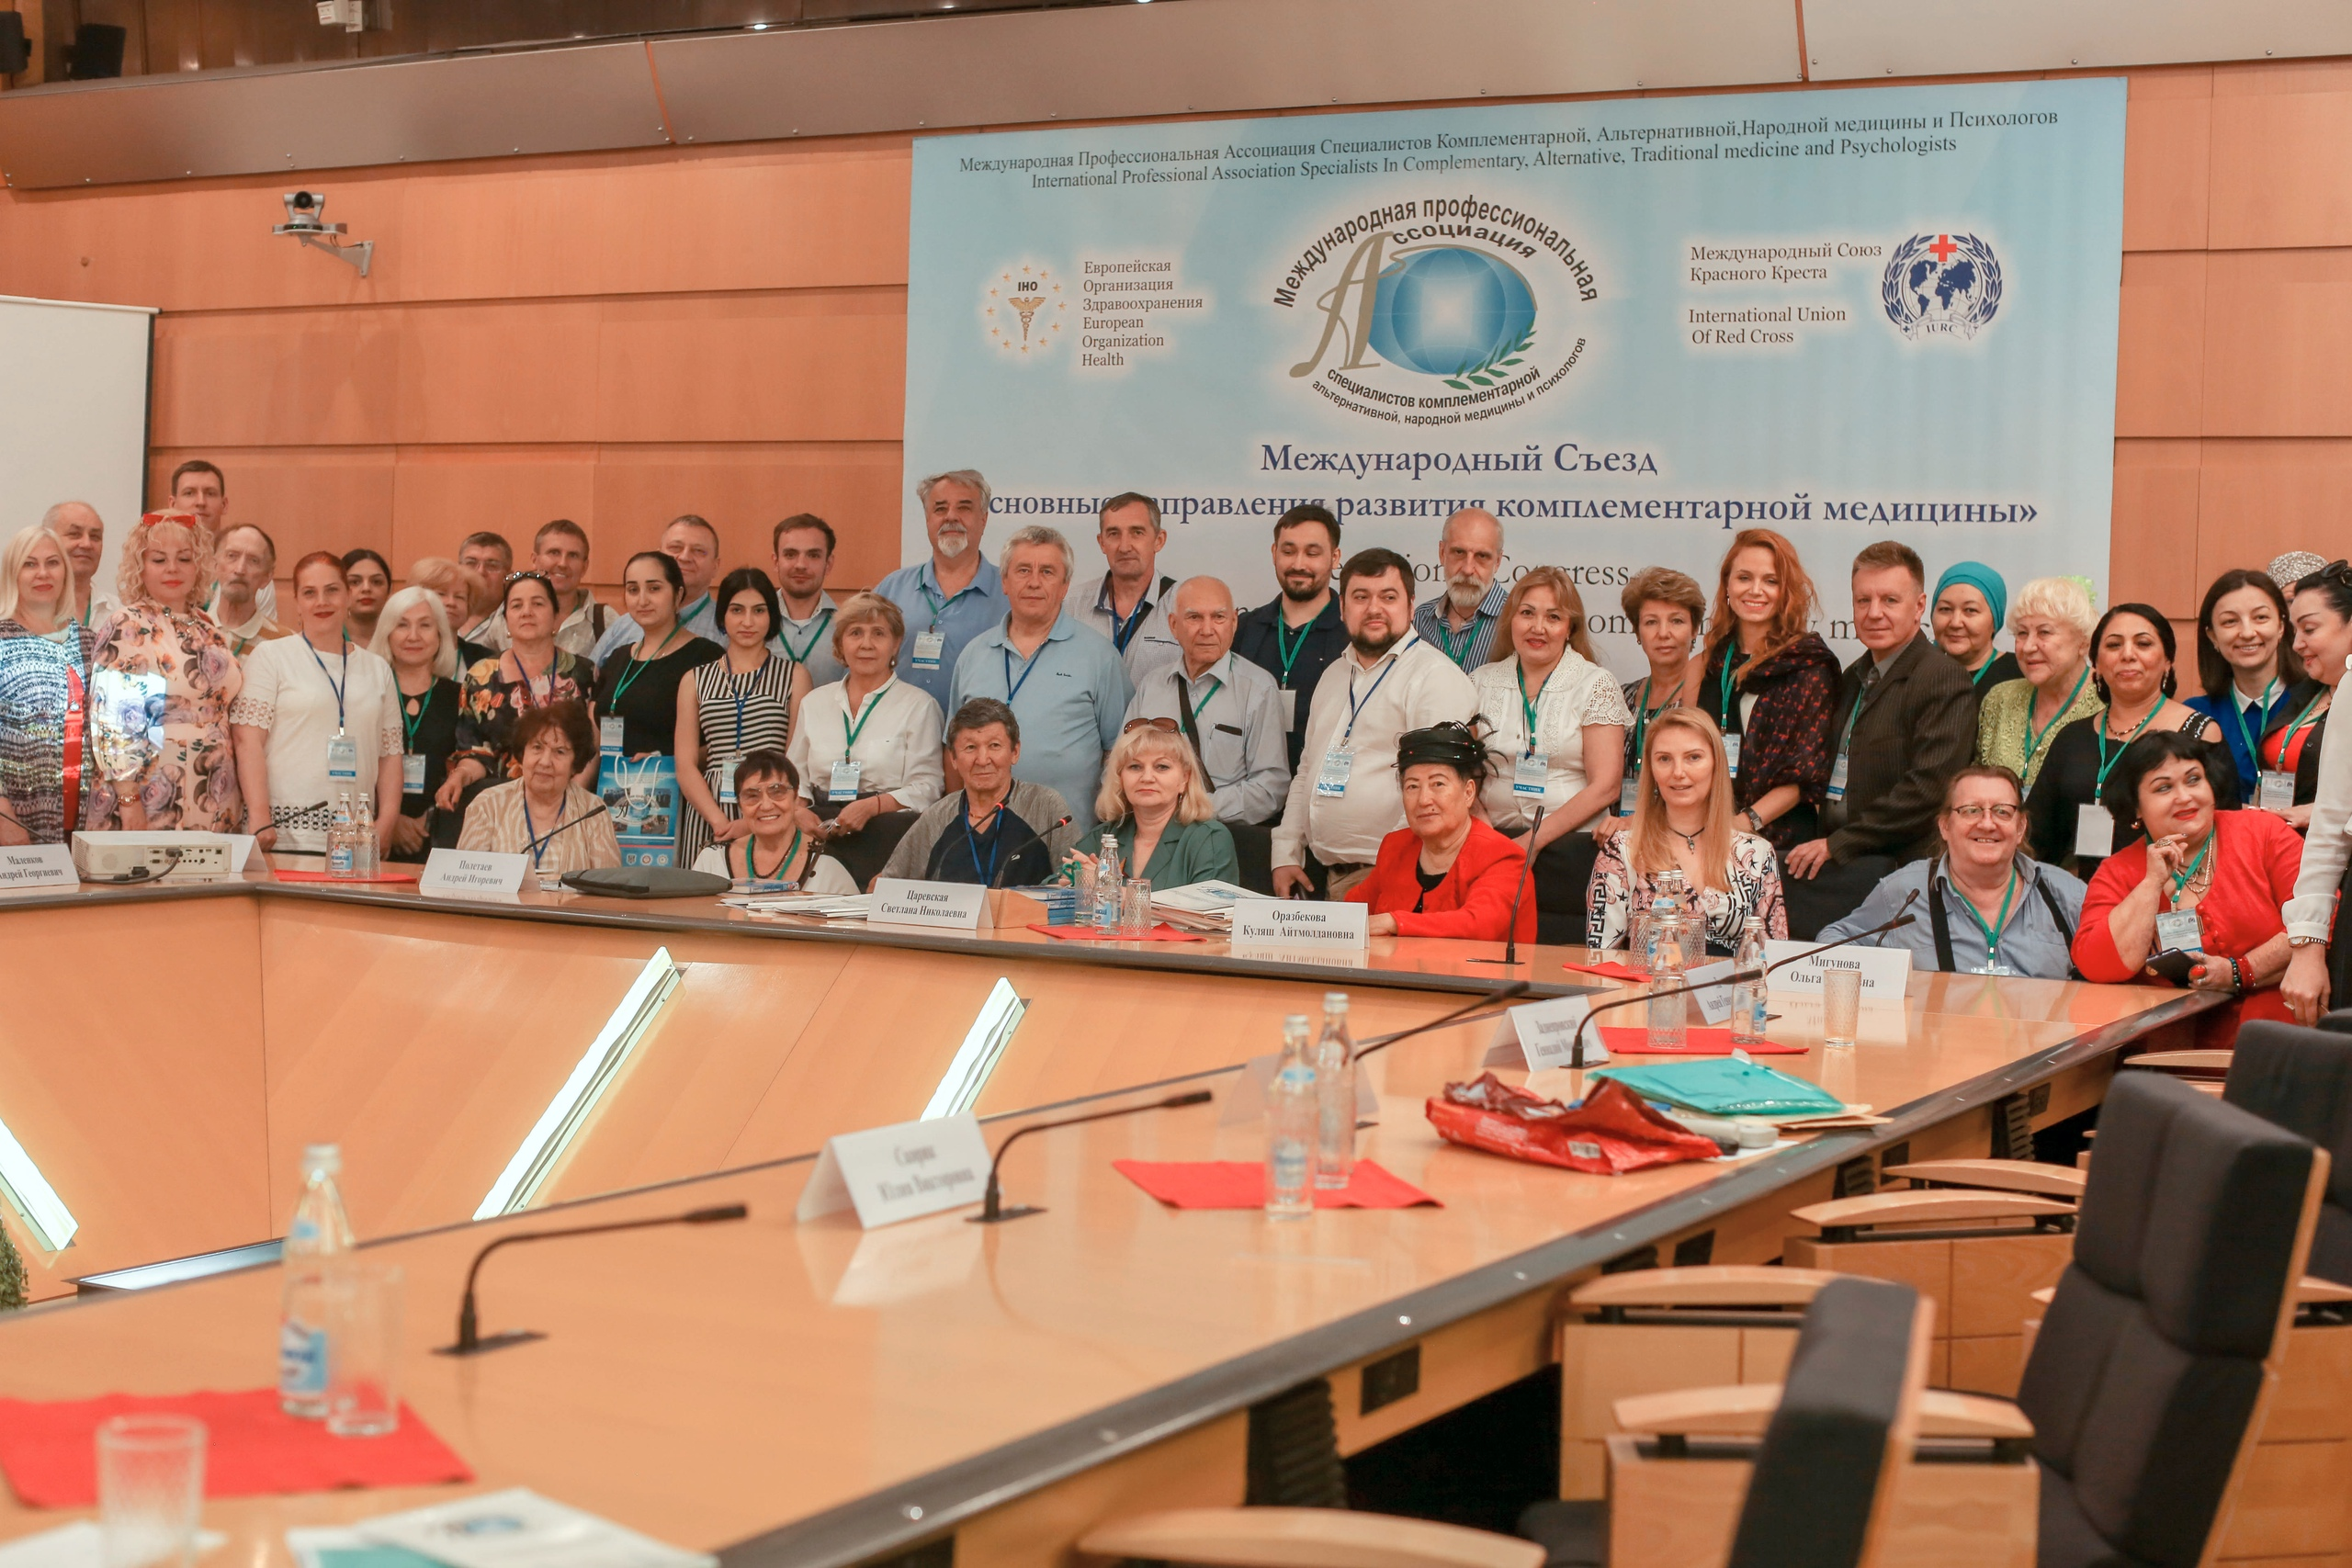 aajXaHbK66M - Состоялась Международная Конференция в Доме Правительства 7 июня 2019г.